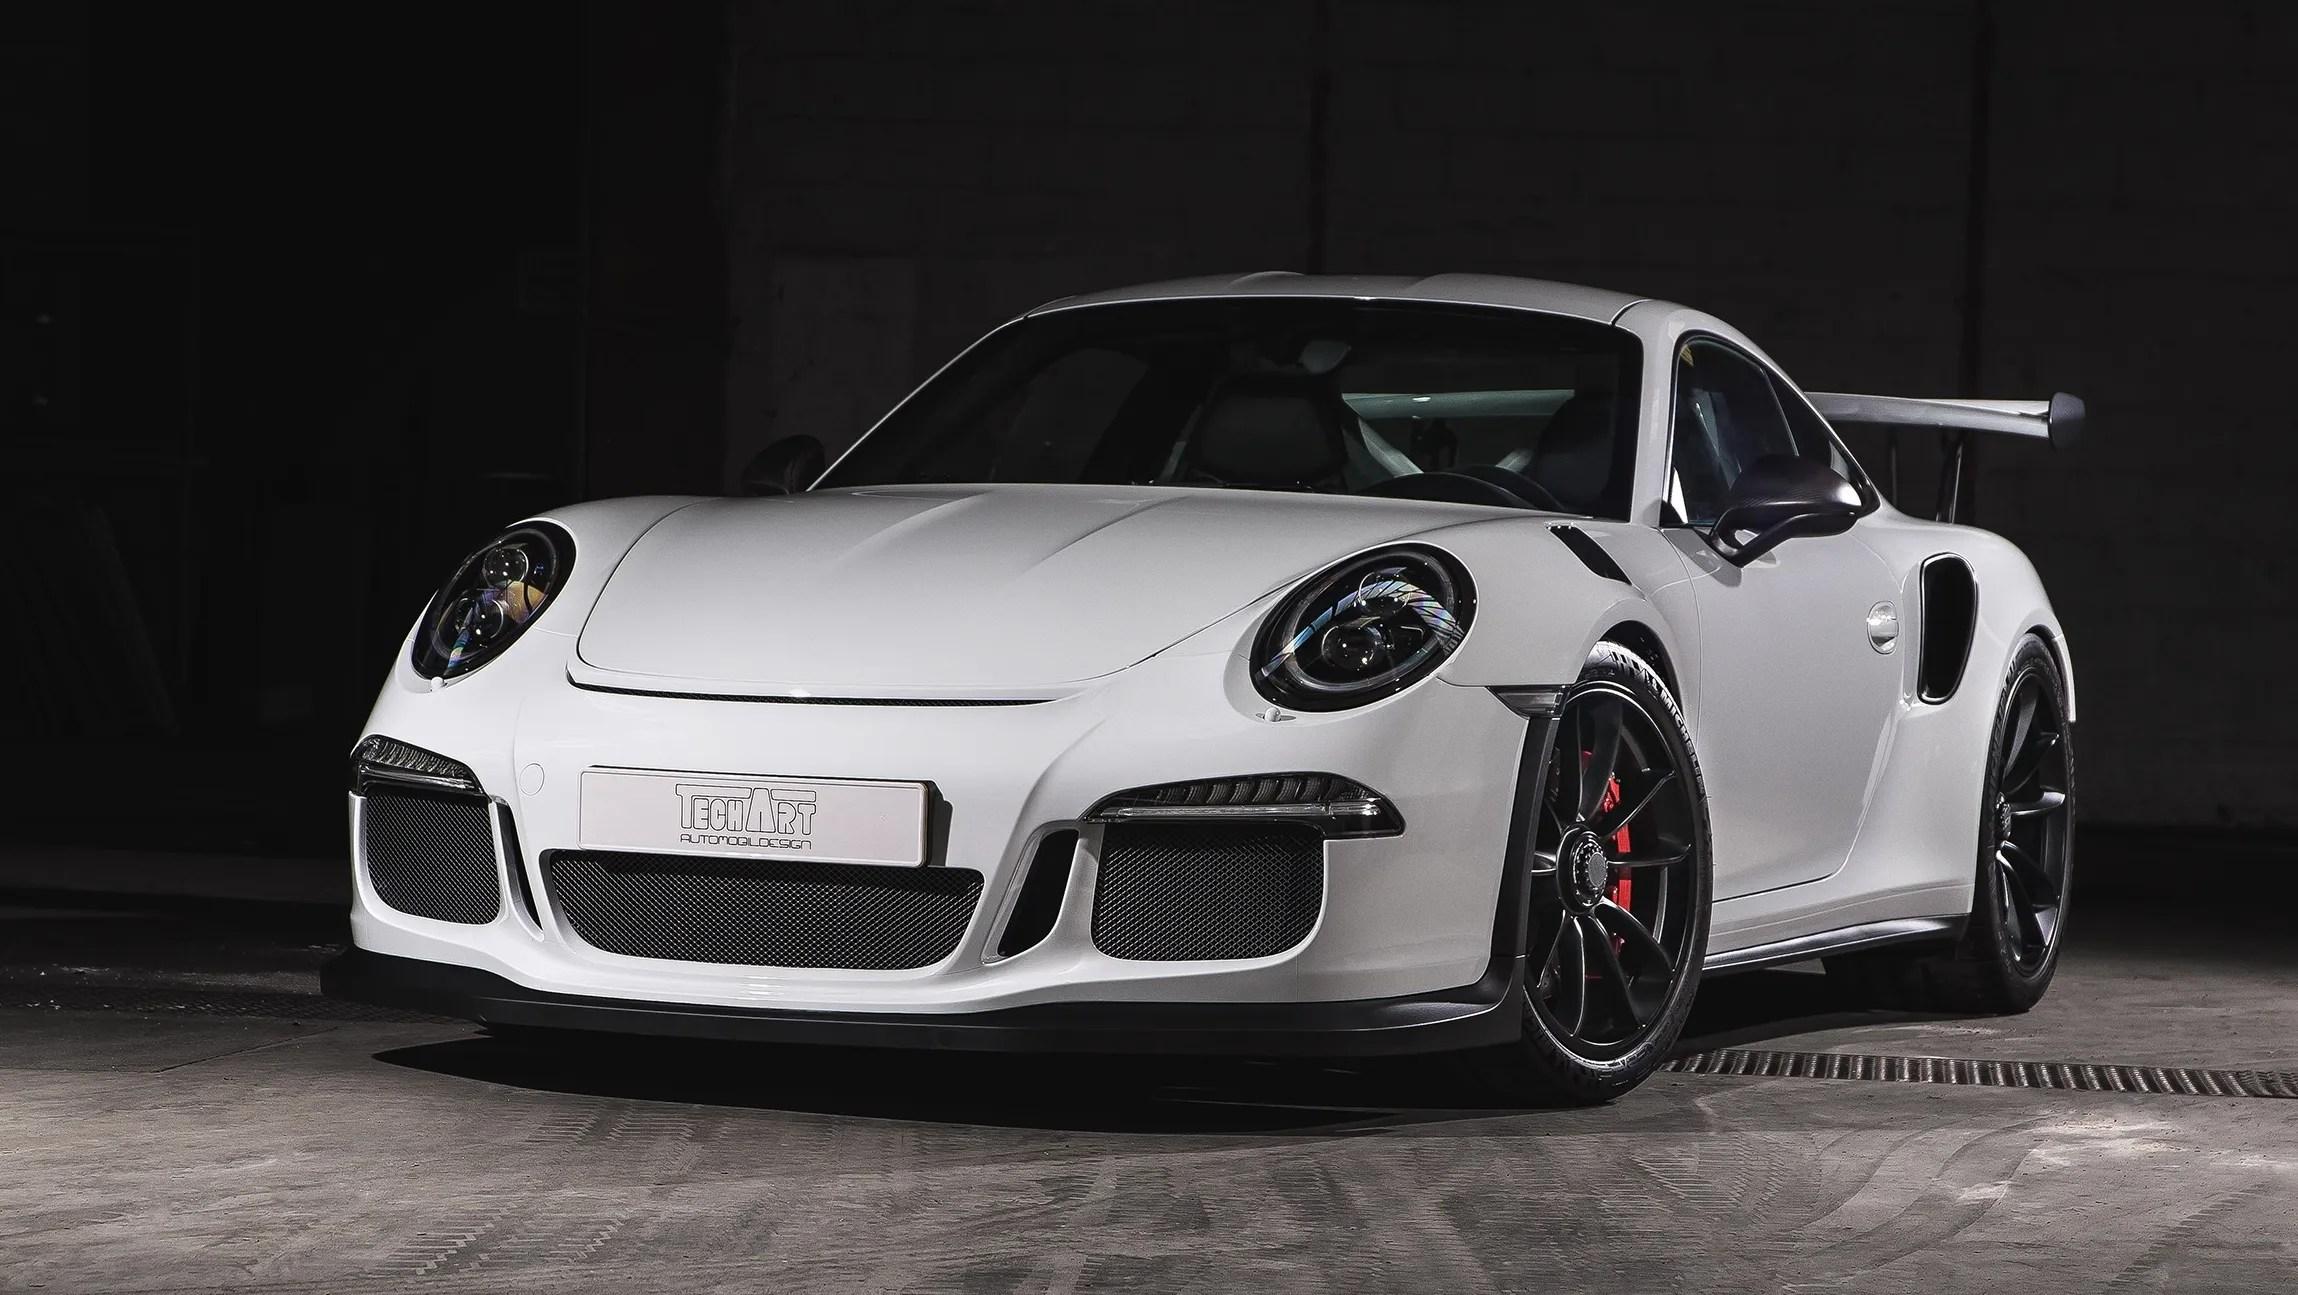 2016 Porsche 911 Gt3 Rs Carbon By Techart Pictures Photos